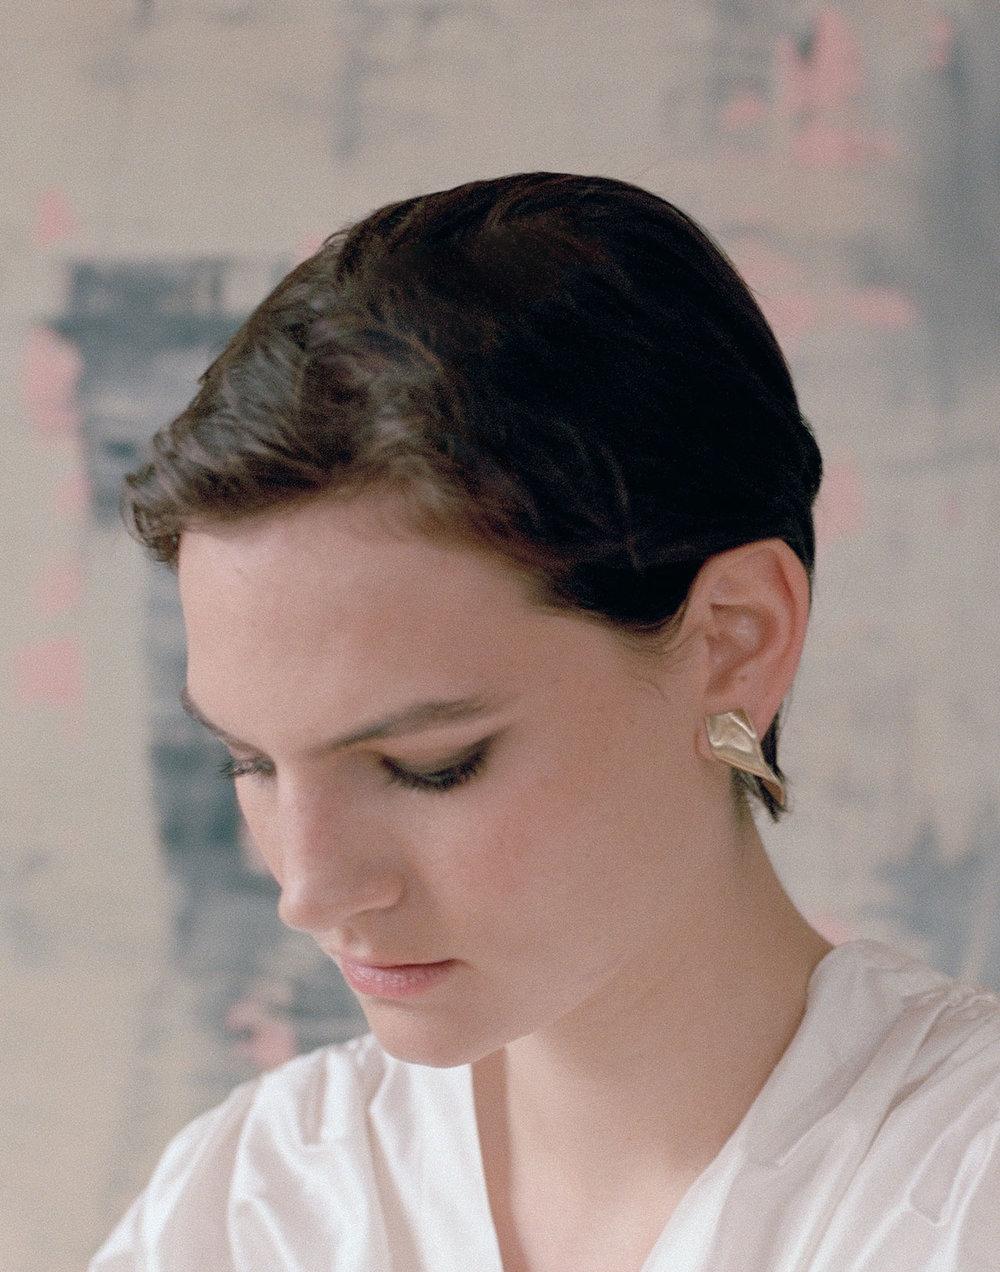 Gold-Diamond-Earrings-Memories-of-Water-Completedworks-Fine-Jewellery-21-1.jpg